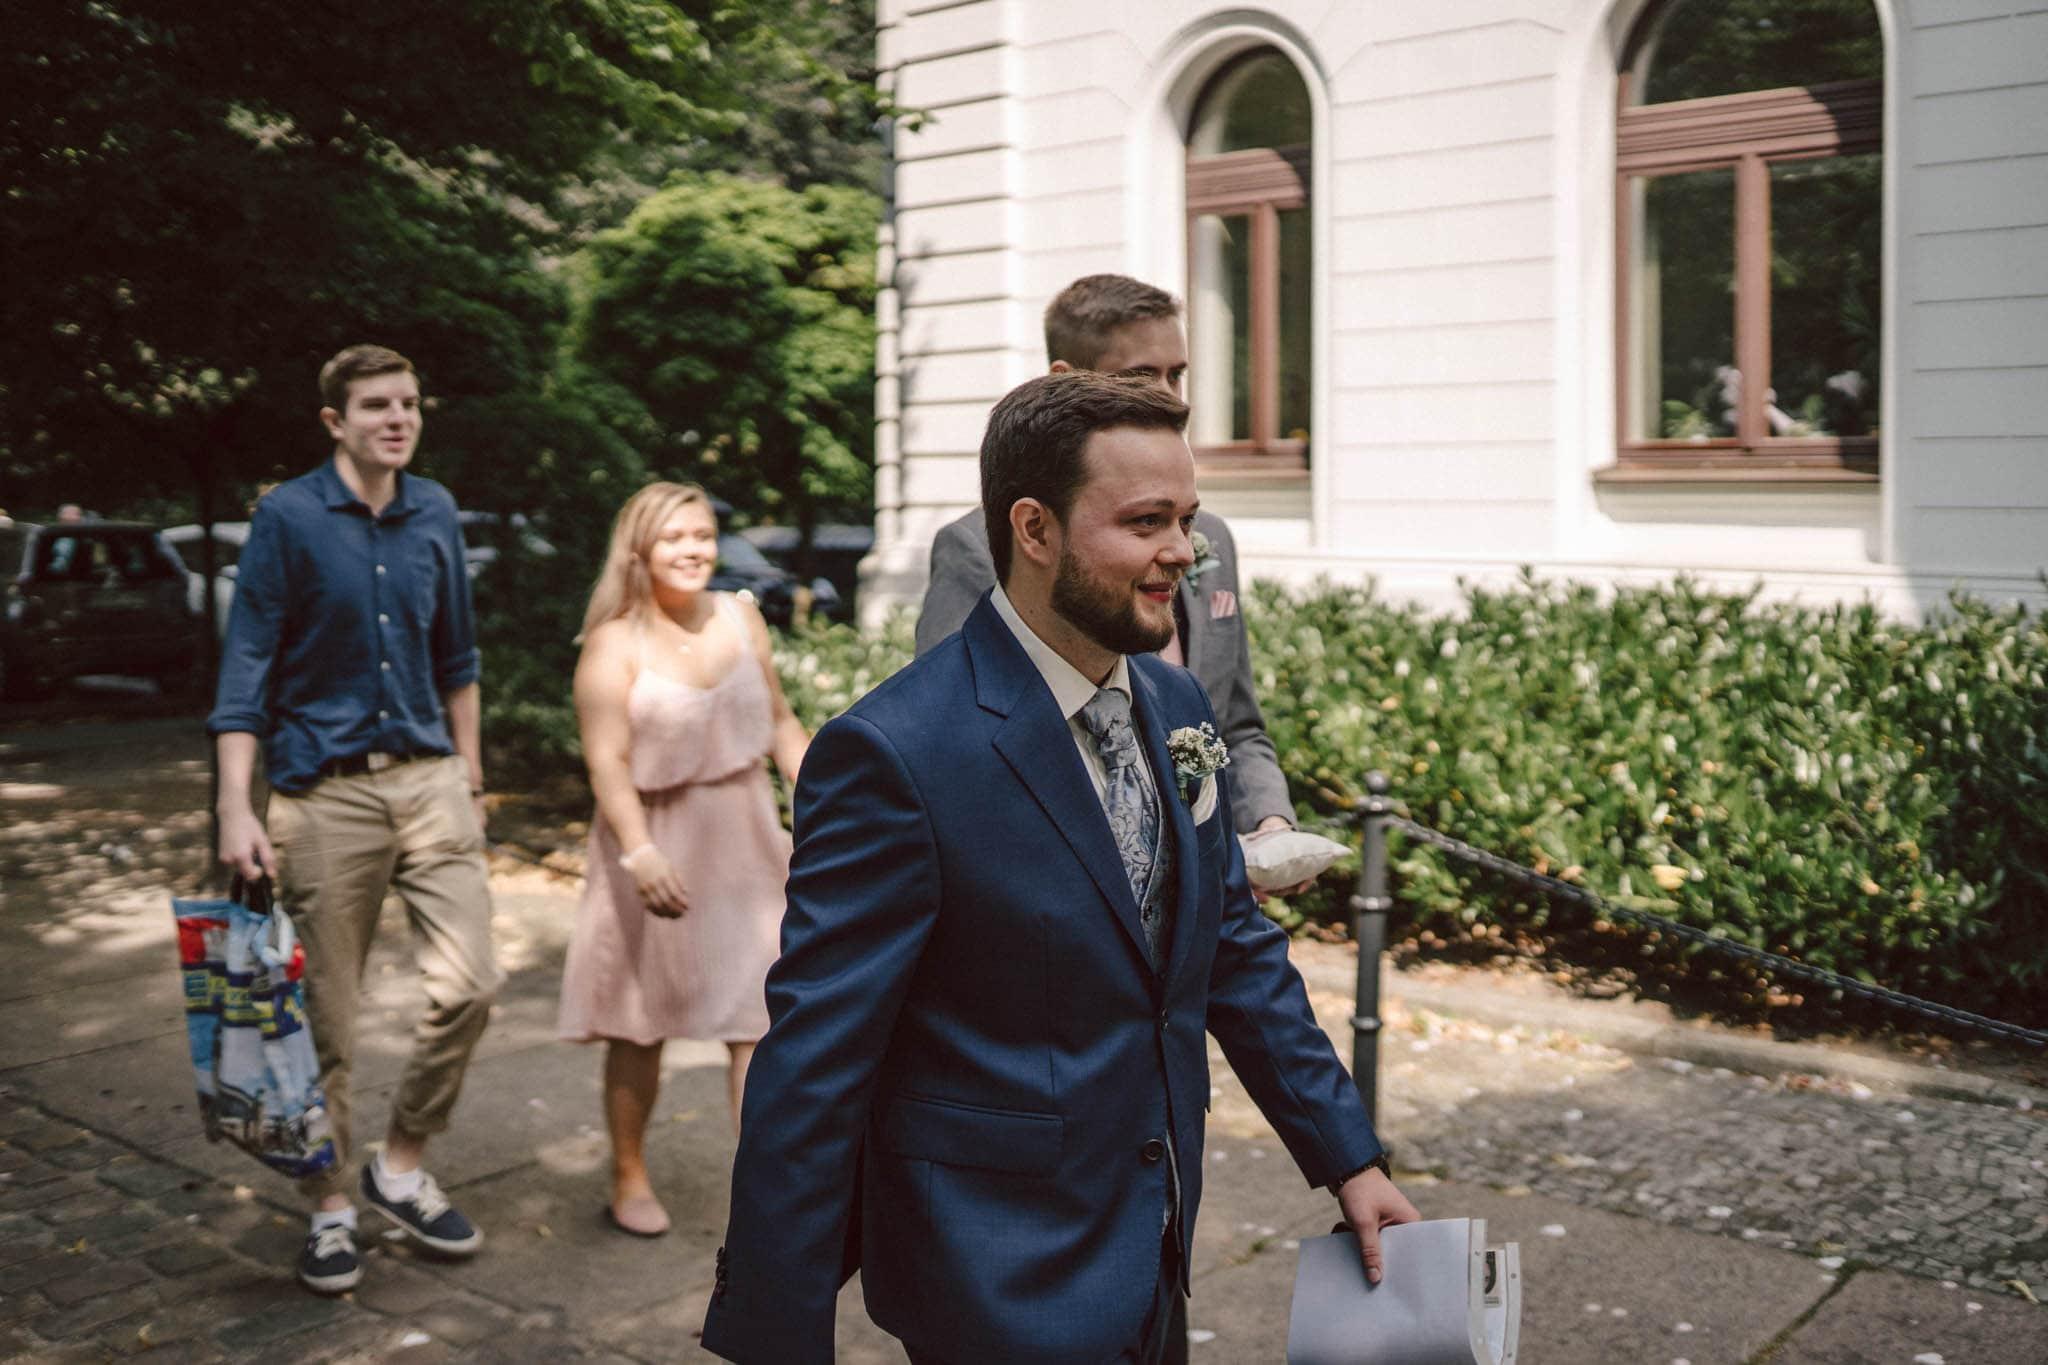 Hochzeitsfieber by Photo-Schomburg, Hochzeitsfotograf, Hamburg, Altona, wedding, Standesamt Altona, Appen, Hochzeitsshooting, Hochzeitstag, Brautpaar-32